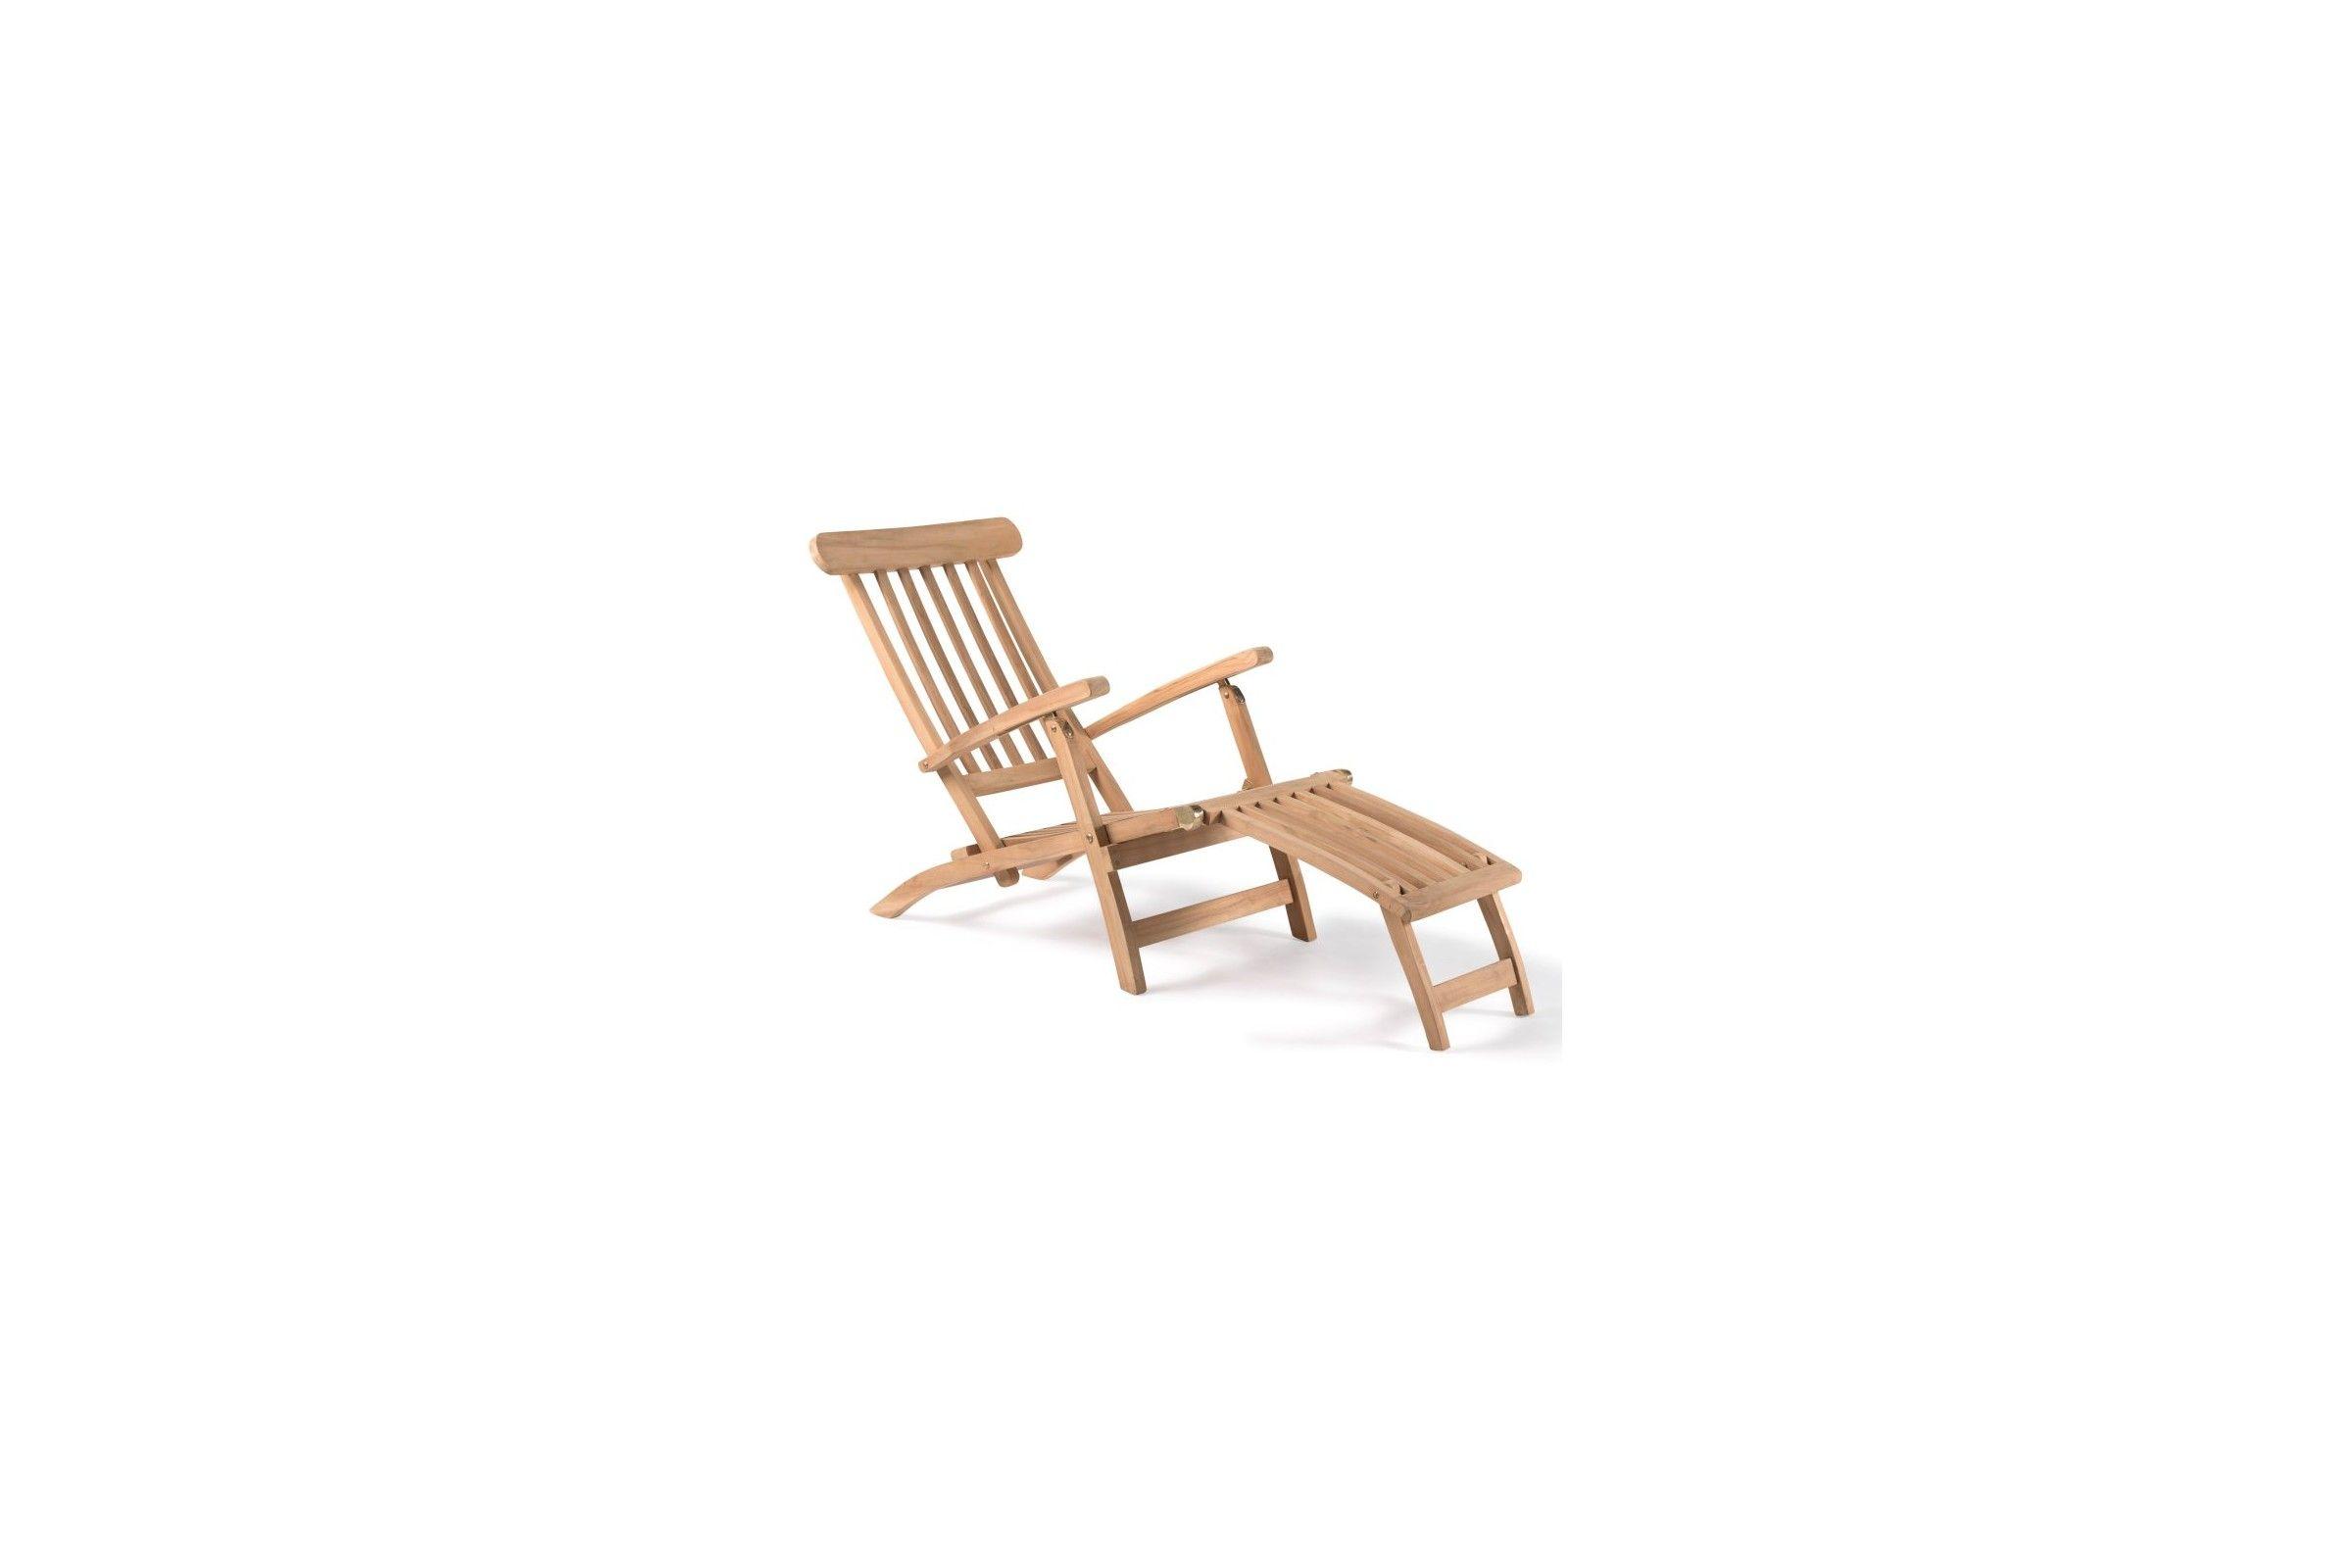 Chaise longue en teck trendy chaise longue en teck for Chaise pliante castorama